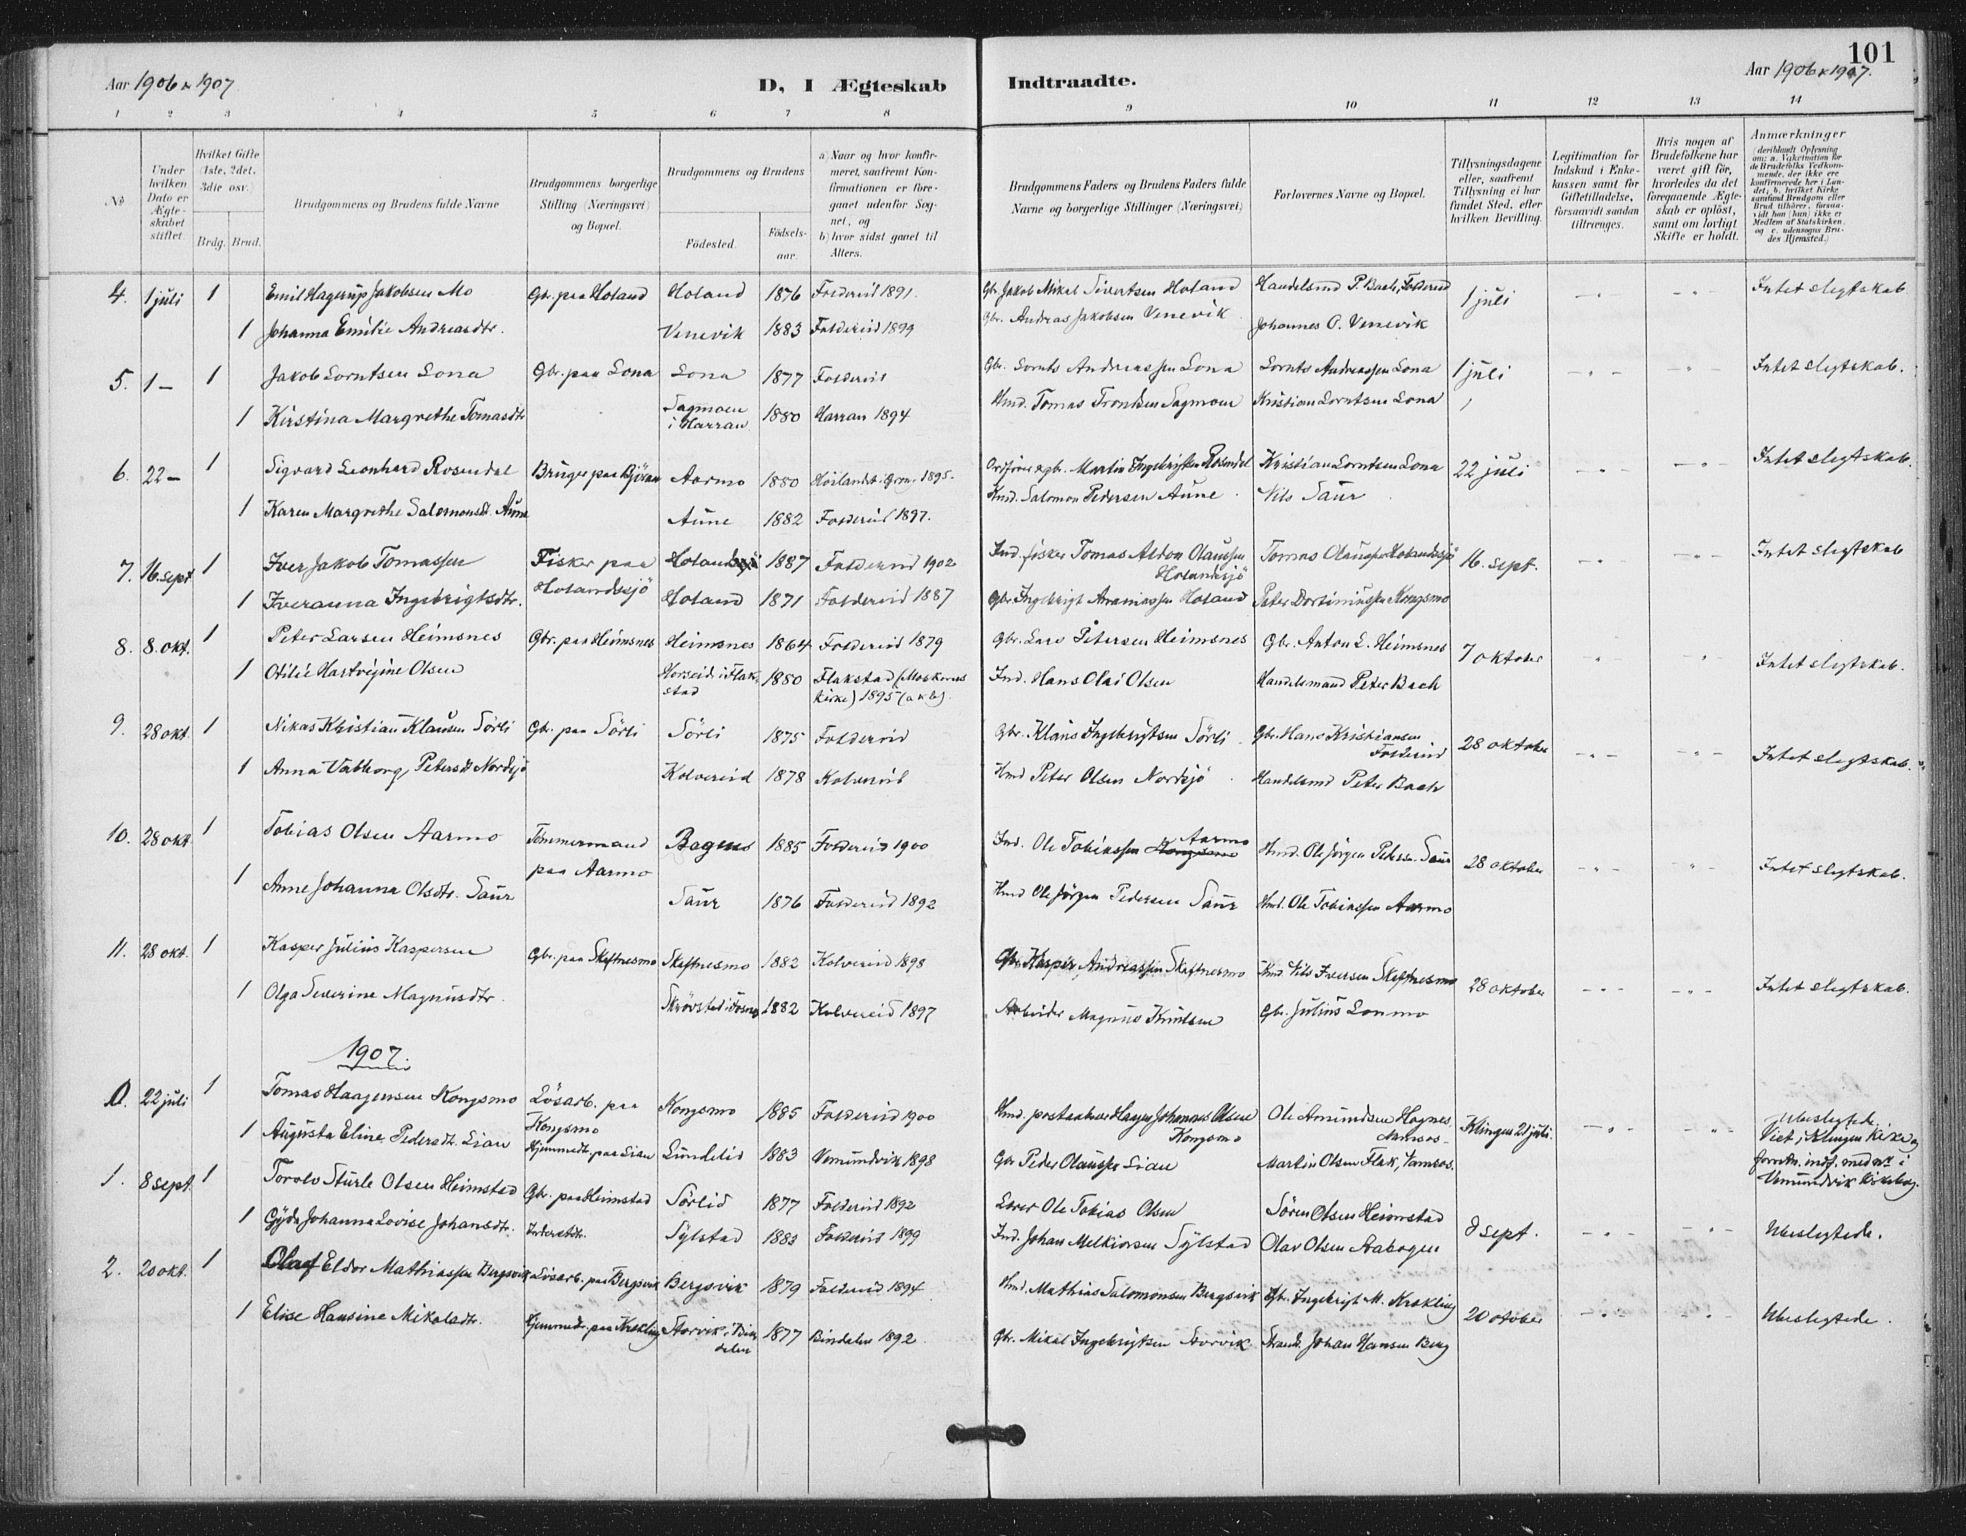 SAT, Ministerialprotokoller, klokkerbøker og fødselsregistre - Nord-Trøndelag, 783/L0660: Ministerialbok nr. 783A02, 1886-1918, s. 101